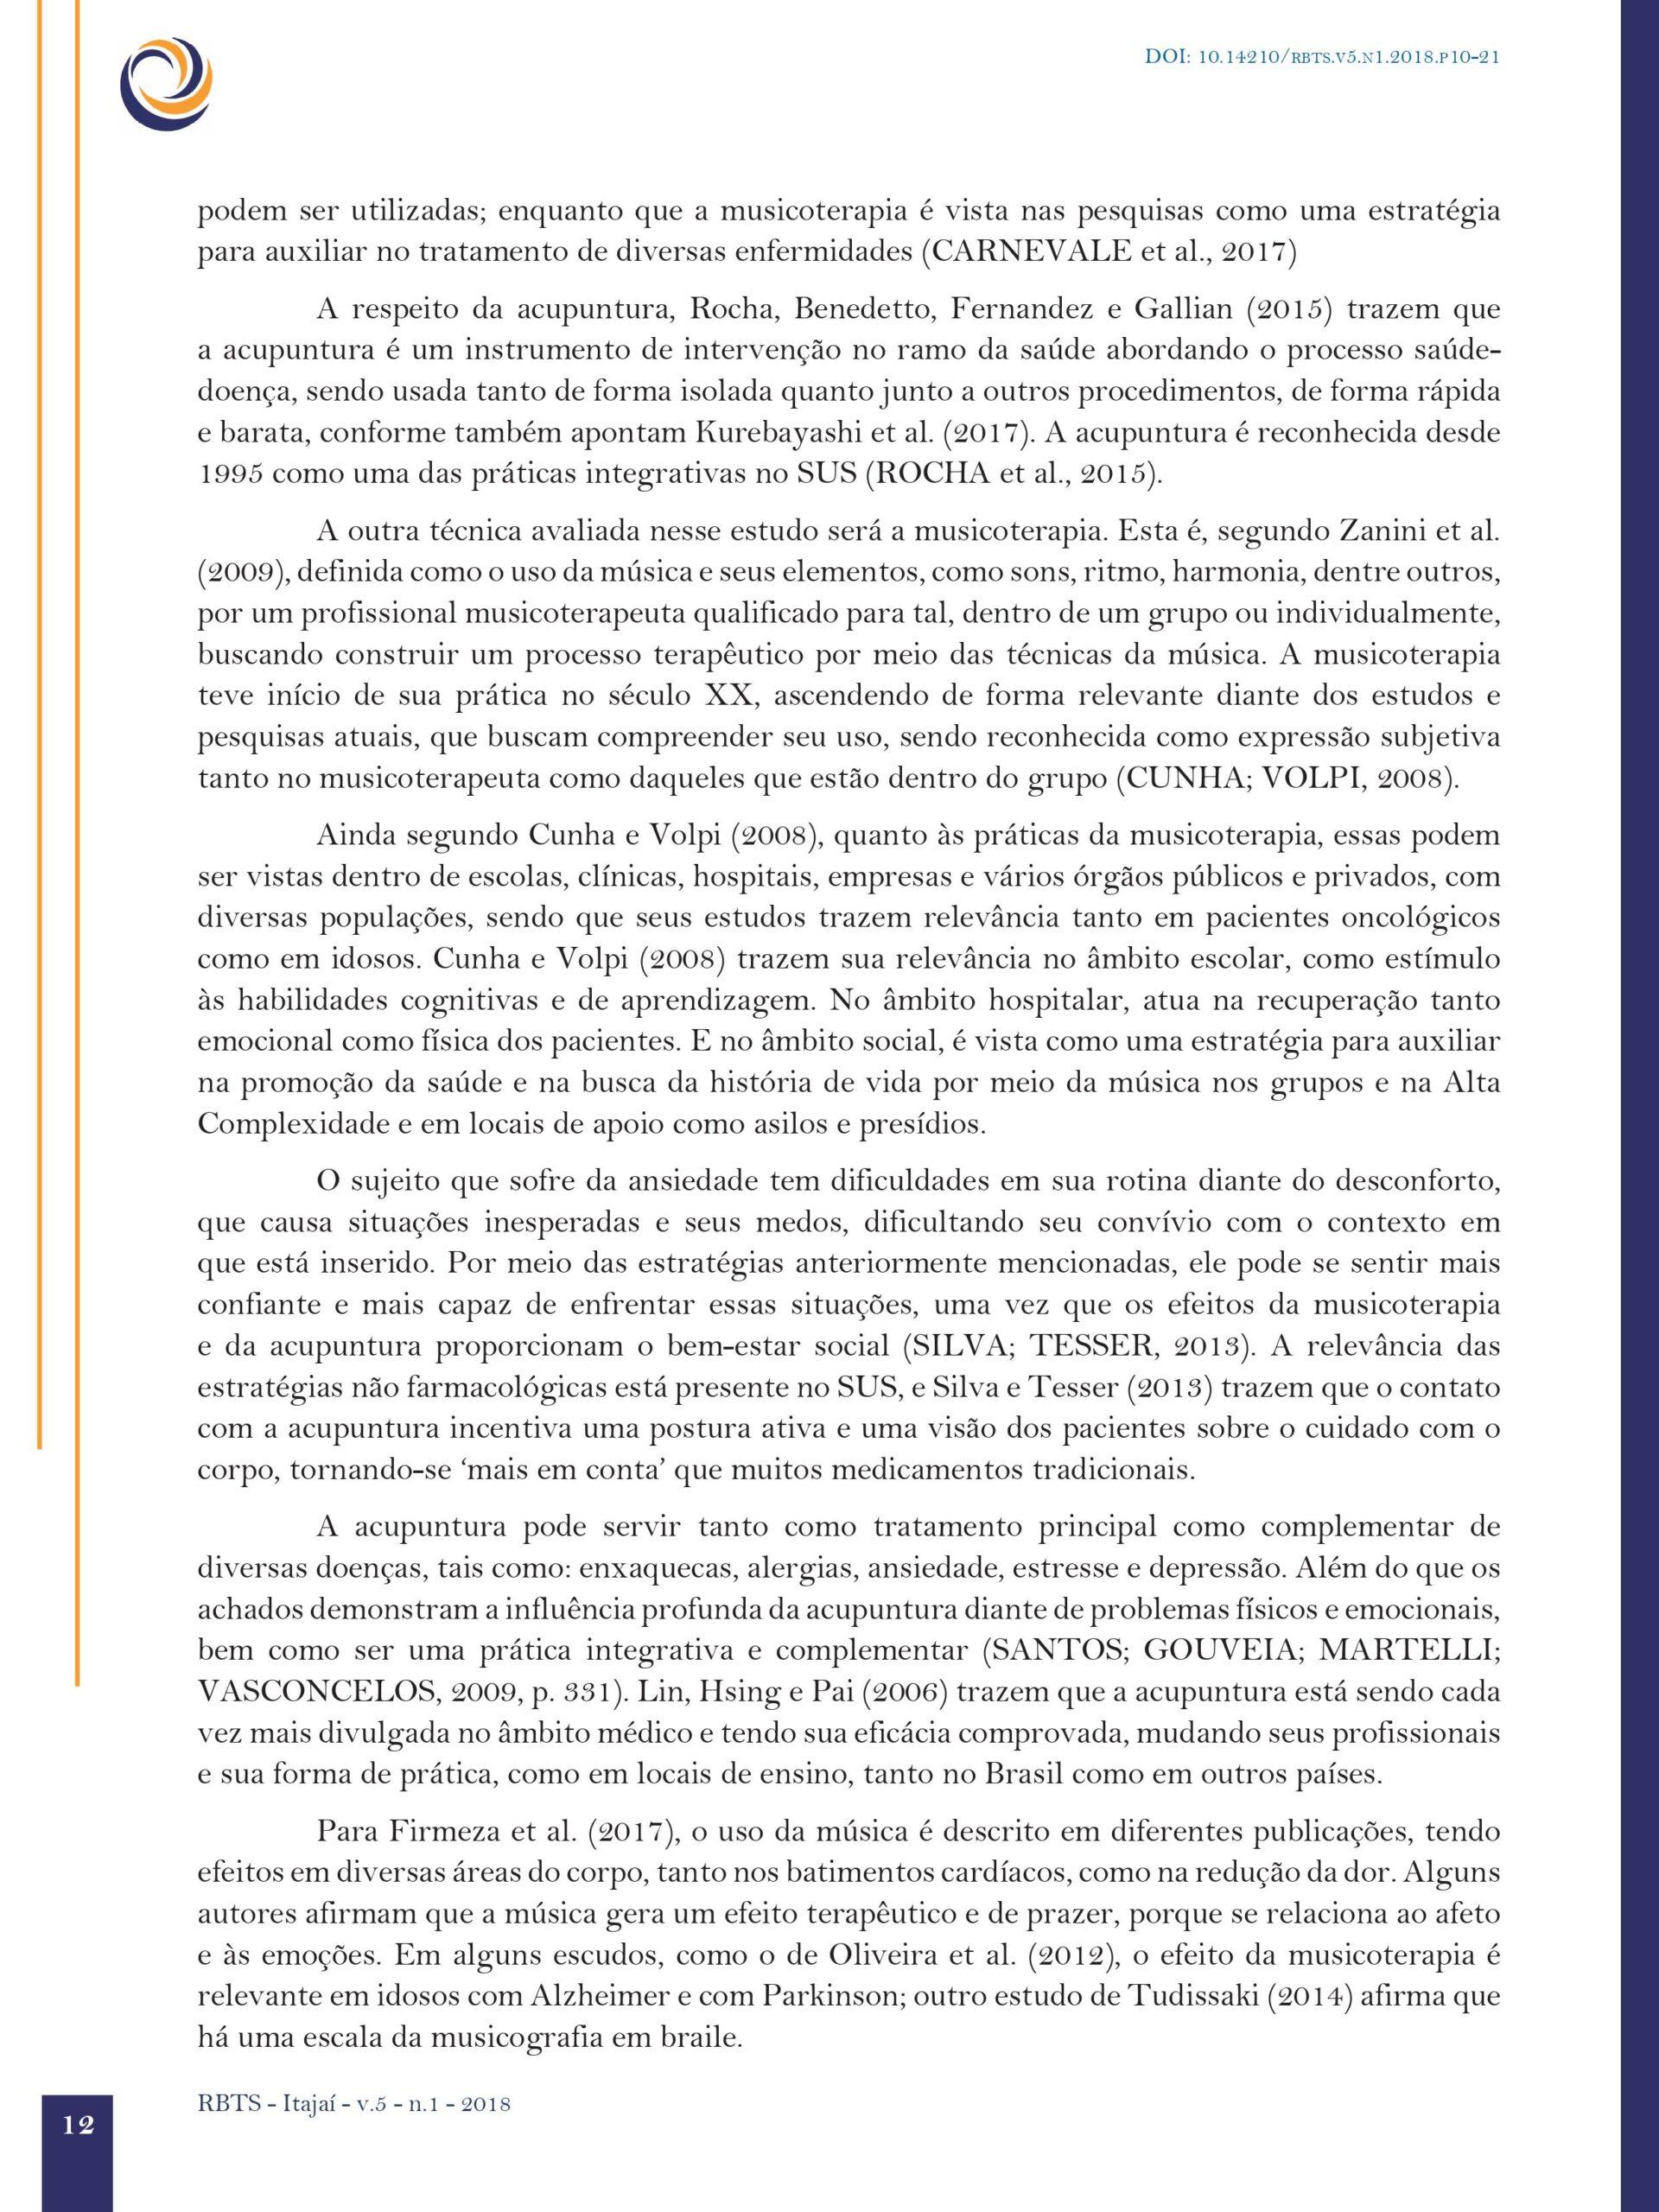 0001-scaled Estudo integra Musicoterapia com Acupuntura para Ansiedade